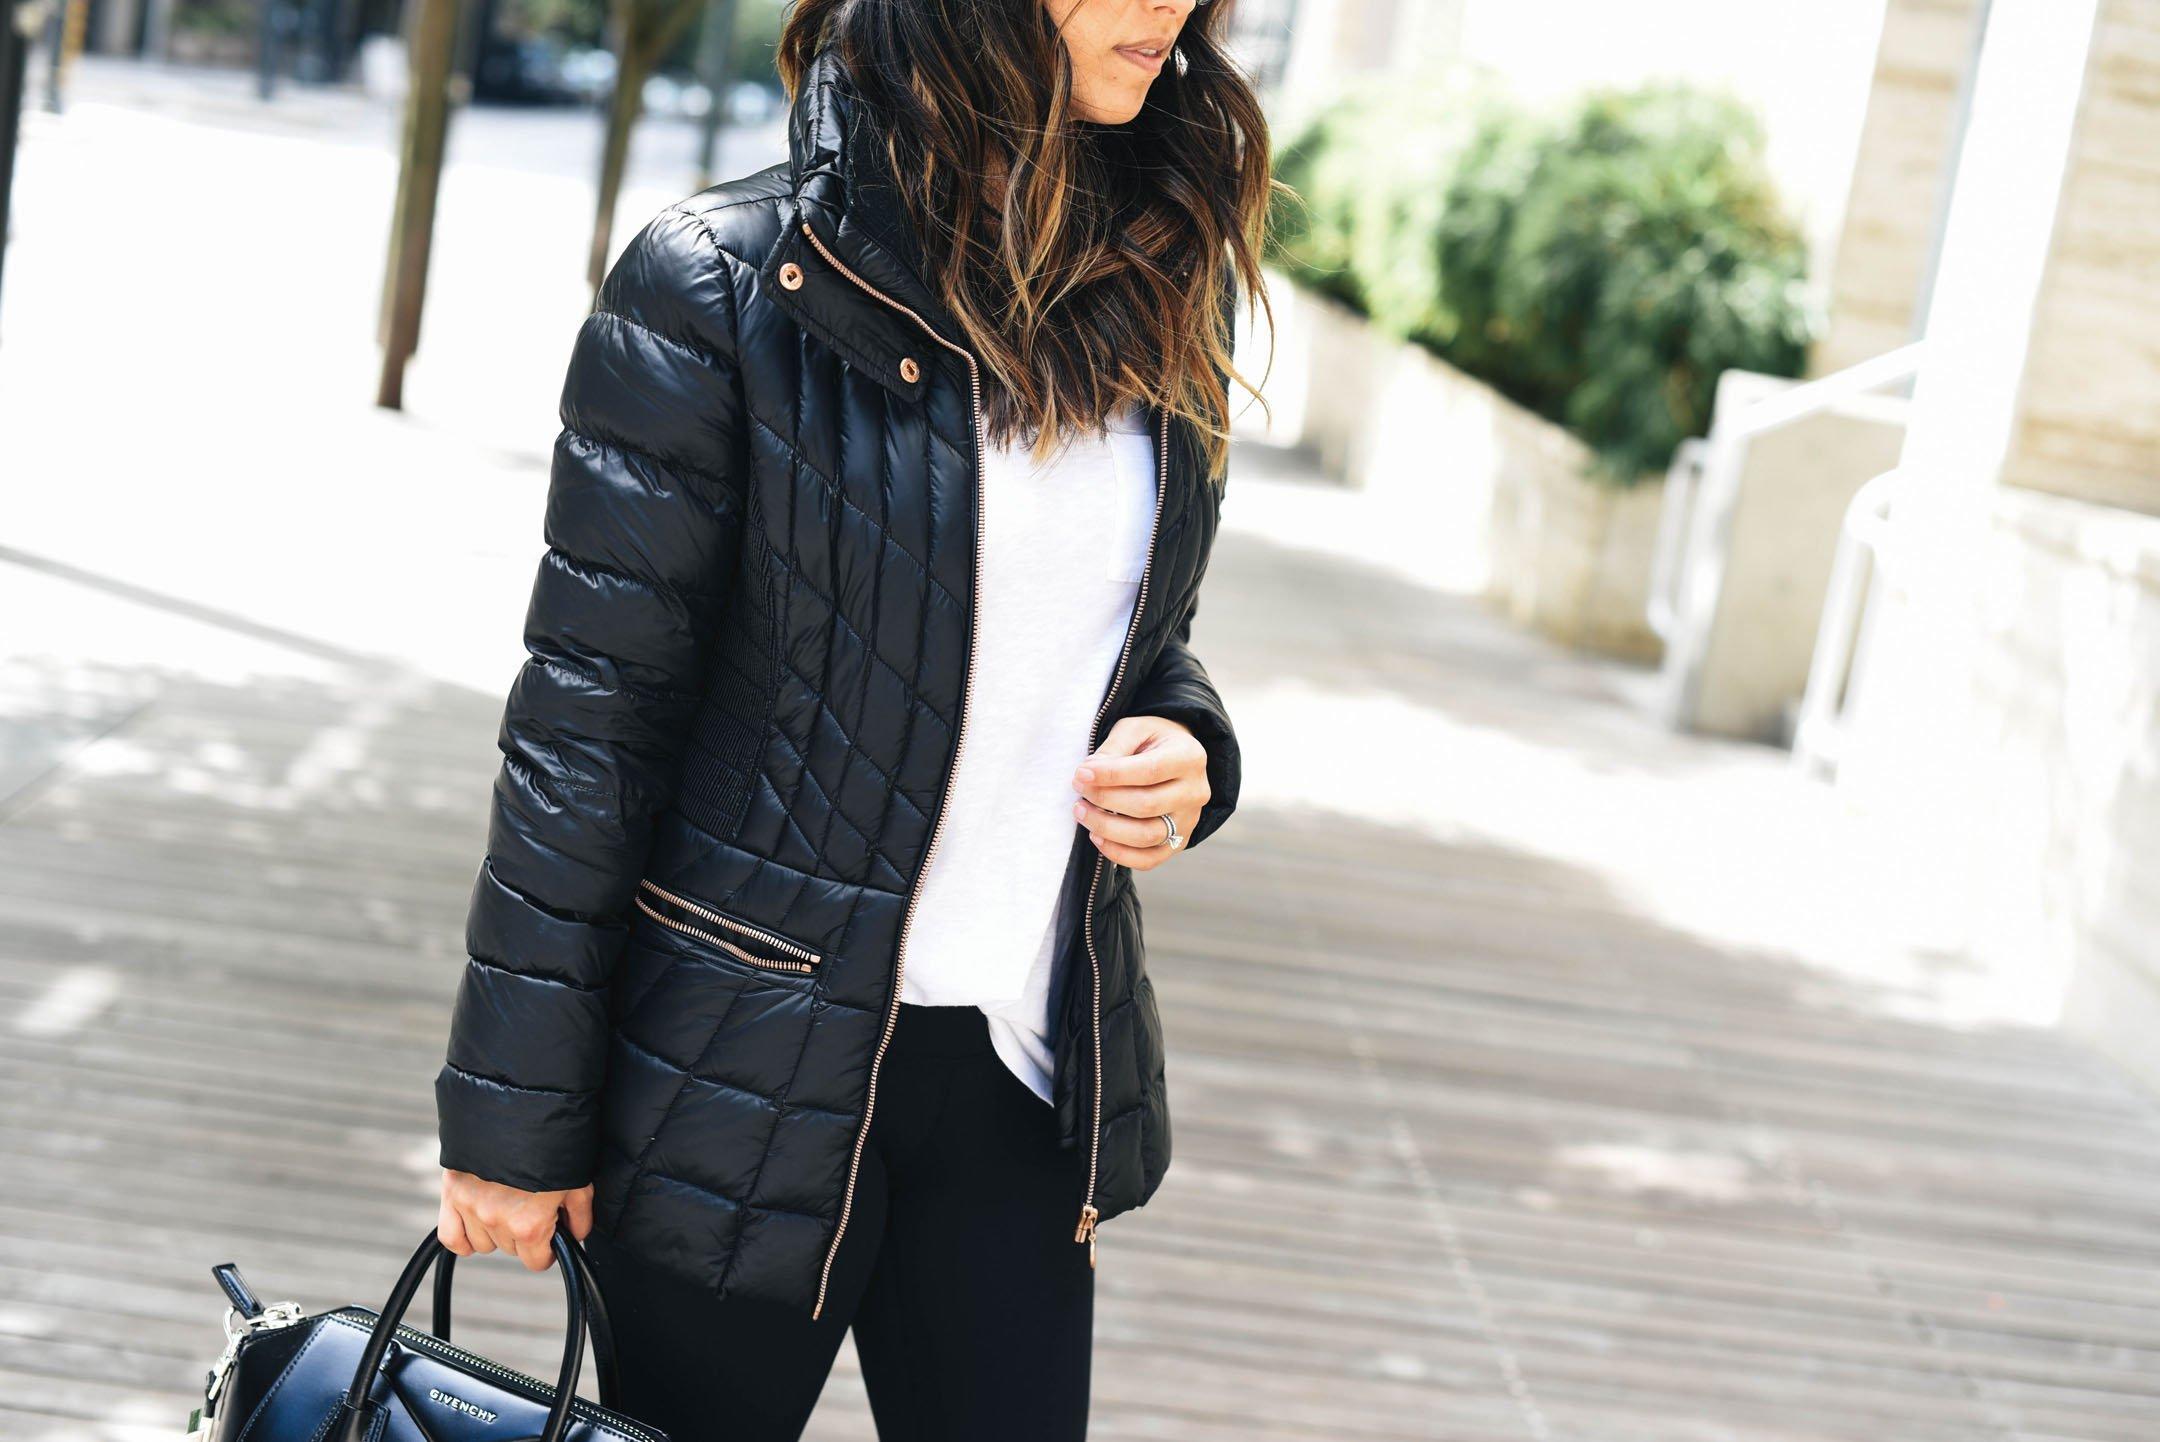 Bernardo packable jacket in petite black